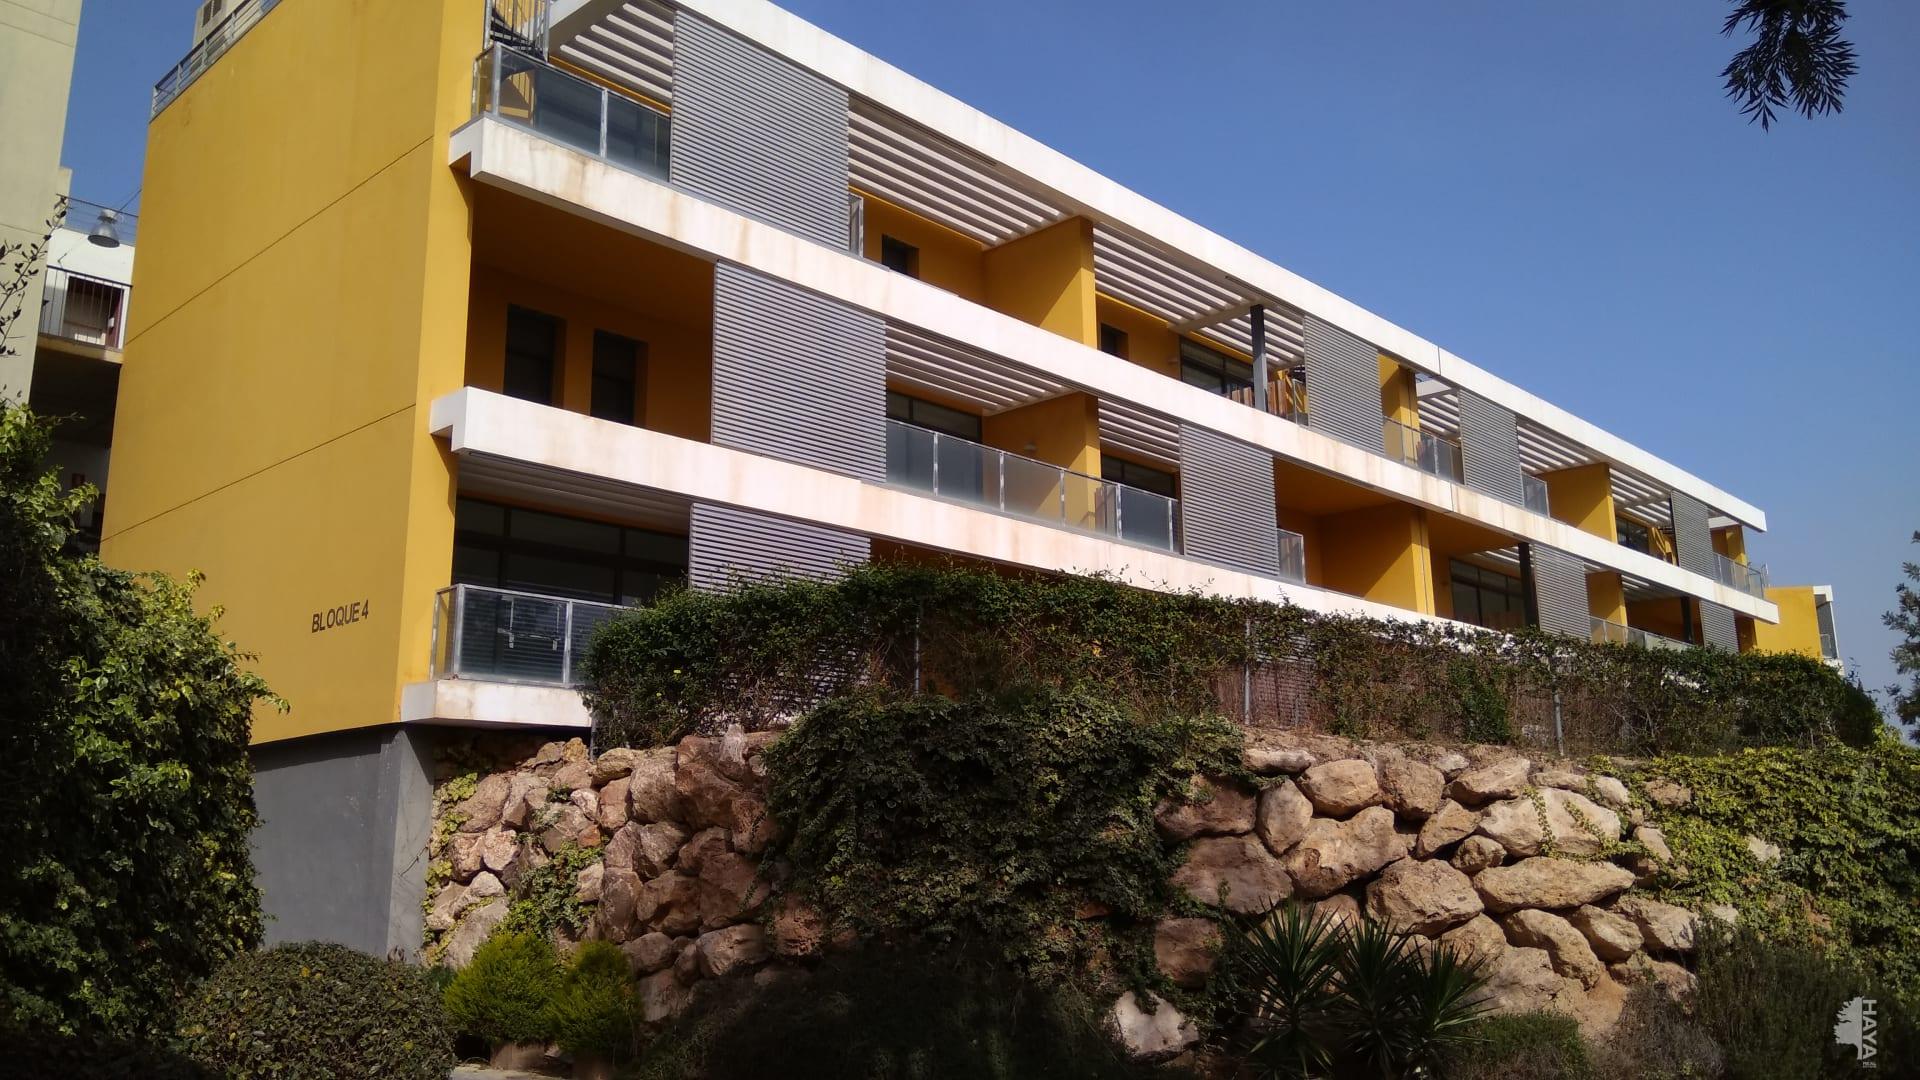 Piso en venta en Vera, Almería, Calle Sierra María, 106.000 €, 2 habitaciones, 2 baños, 110 m2